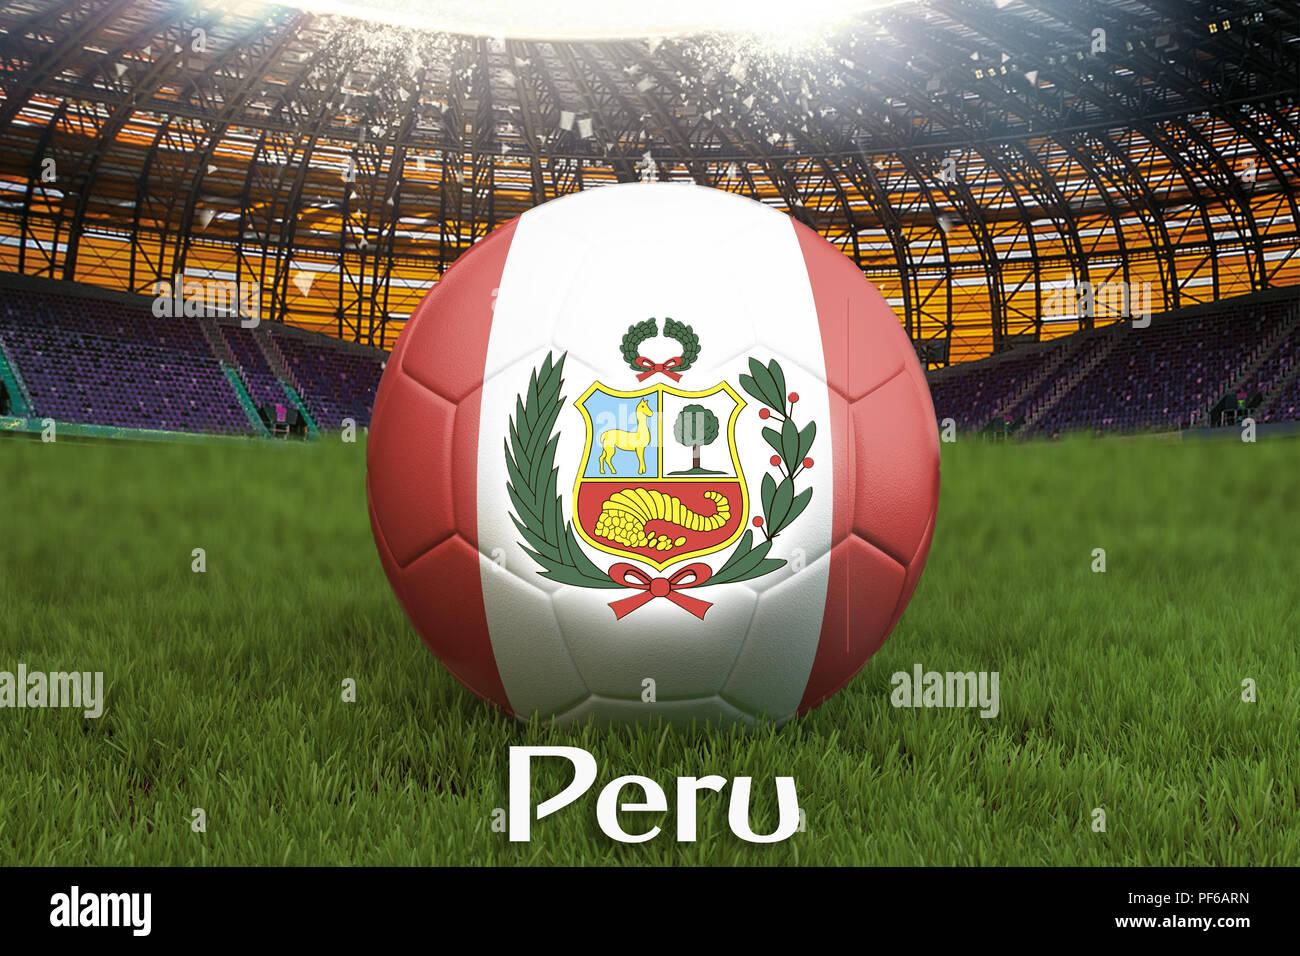 Perú fútbol balón de fútbol en el estadio de gran fondo. Perú Team  competencia concepto f496760b7964d